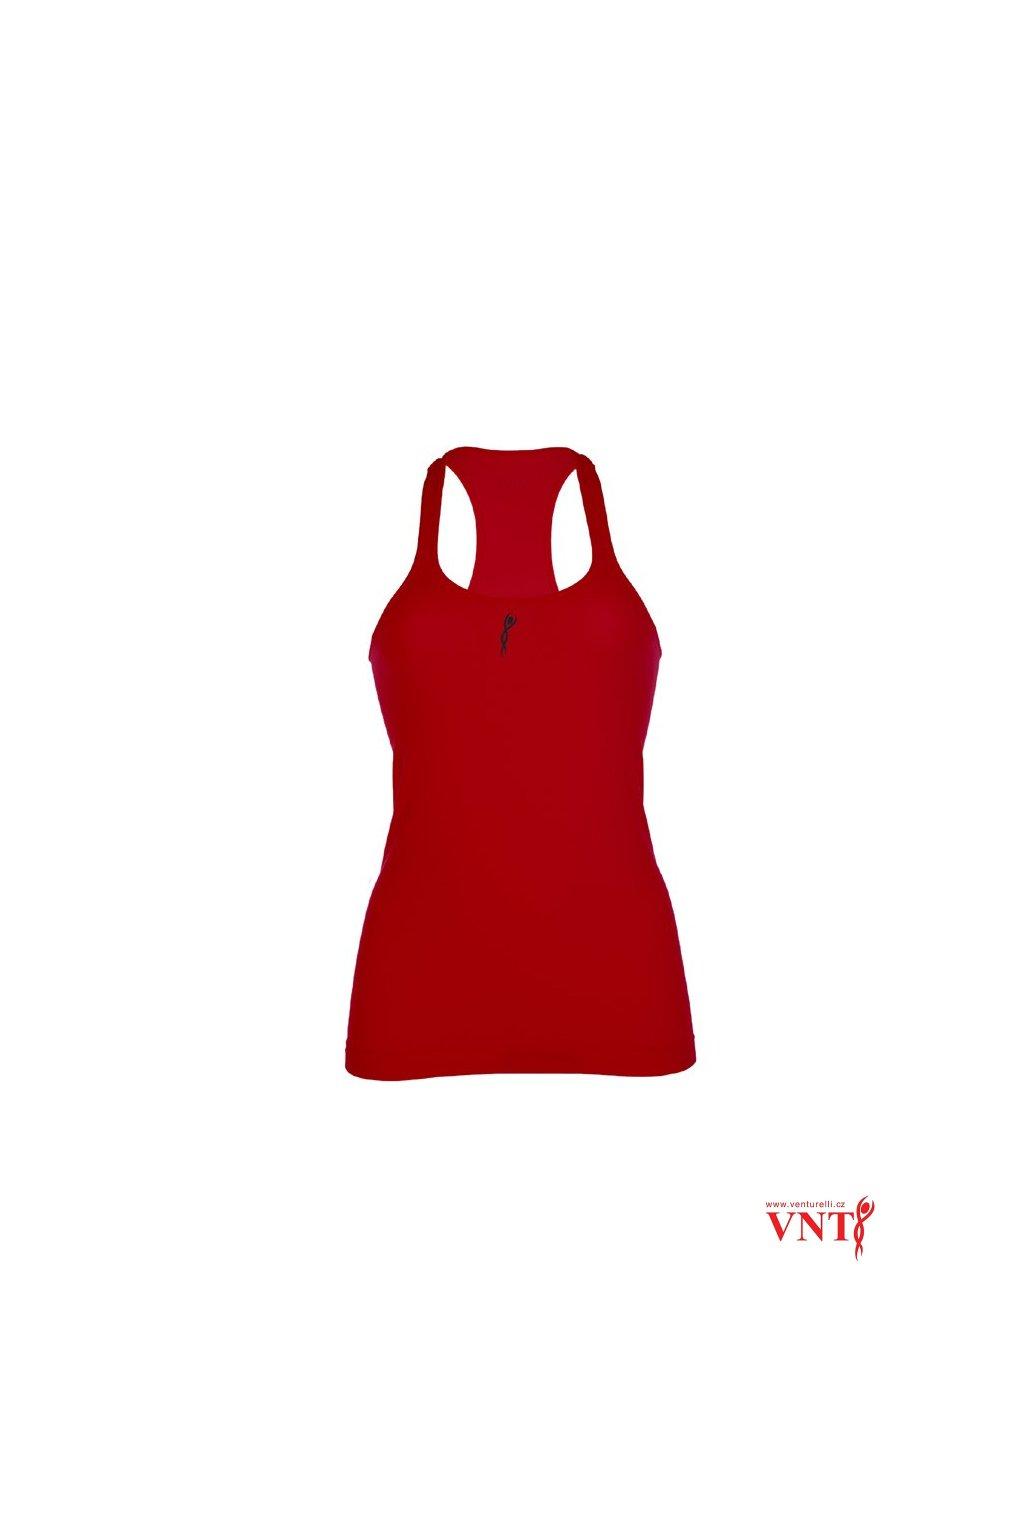 tílko venturelli červená přední 06CA16F16